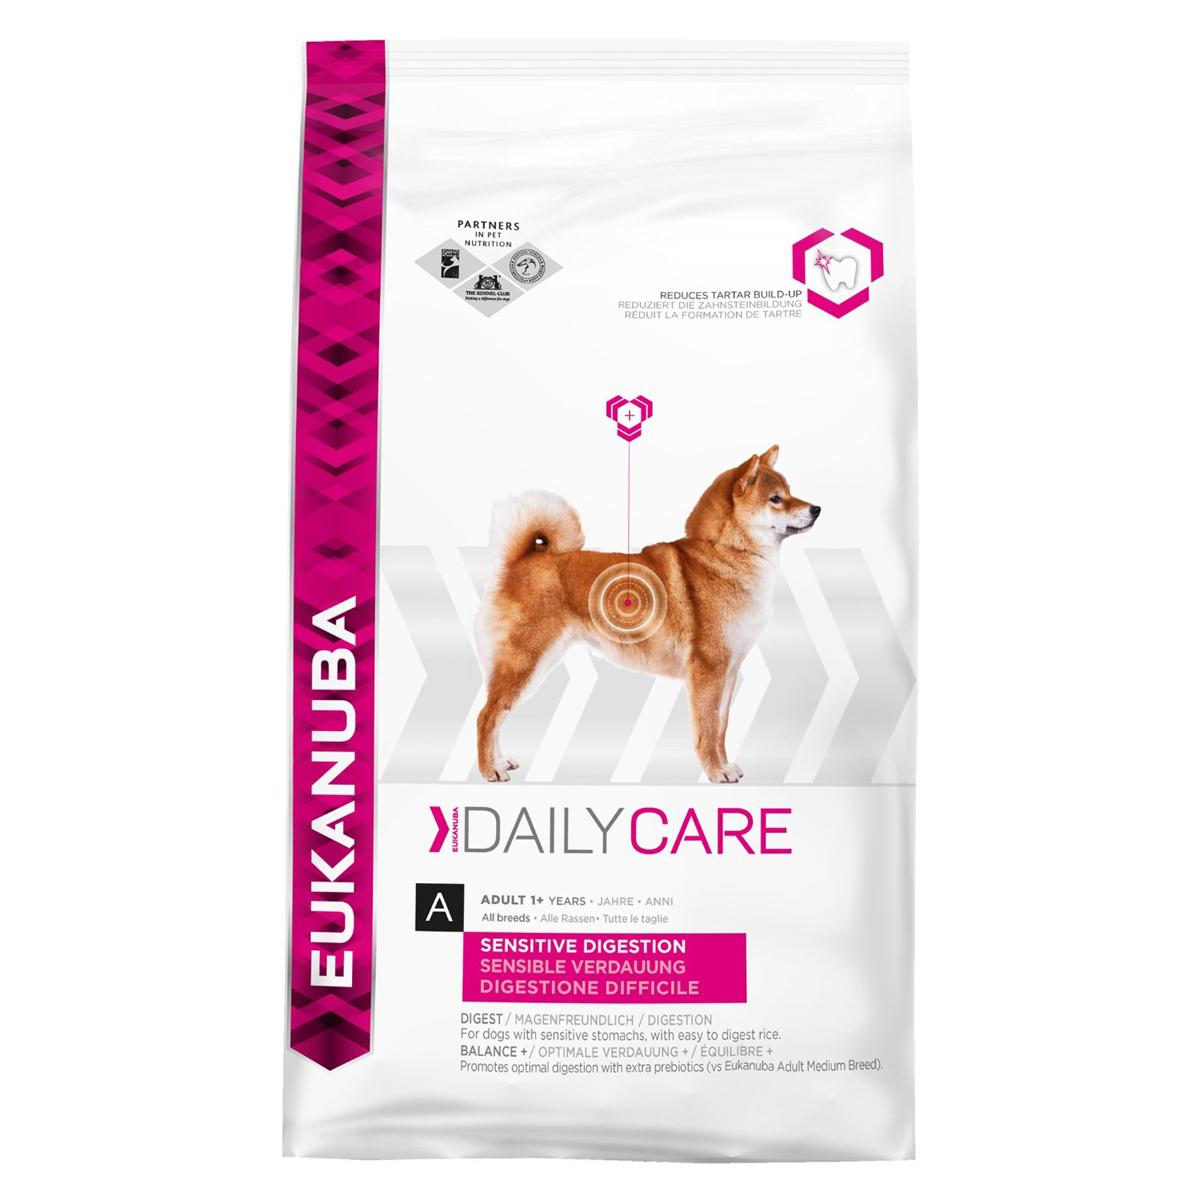 Корм сухой Eukanuba для взрослых собак с чувствительным пищеварением, 2,5 кг81053531Полноценный сбалансированный корм Eukanuba для взрослых собак всех пород возрастом от 1 года с чувствительным пищеварением, обогащенный естественными пребиотическими волокнами для здорового пищеварения. Сухая пульпа сахарной свеклы и пребиотики ФОС для здоровья микрофлоры кишечника. Легкоперевариваемый рис для собак с чувствительным пищеварением. Не содержит искусственных красителей и ароматизаторов. Содержит разрешенные ЕС антиоксиданты (токоферолы). Состав: сублимированное мясо курицы и индейки 22%, рис 21%, кукуруза, сорго, животный жир, сухая пульпа сахарной свеклы 2,8%, рыбная мука, сухое цельное яйцо, гидролизат белков животного происхождения, фруктоолигосахариды 0,77%, гидрофосфат кальция, хлорид калия, хлорид натрия, гексаметафосфат натрия, рыбий жир, карбонат кальция, льняное семя. Добавки: витамин A 46167 МЕ/кг, витамин D3 1532 МЕ/кг, витамин E 256 мг/кг, бета-каротин 5,0 мг/кг. Микроэлементы: базовый карбонат кобальта, моногидрат...